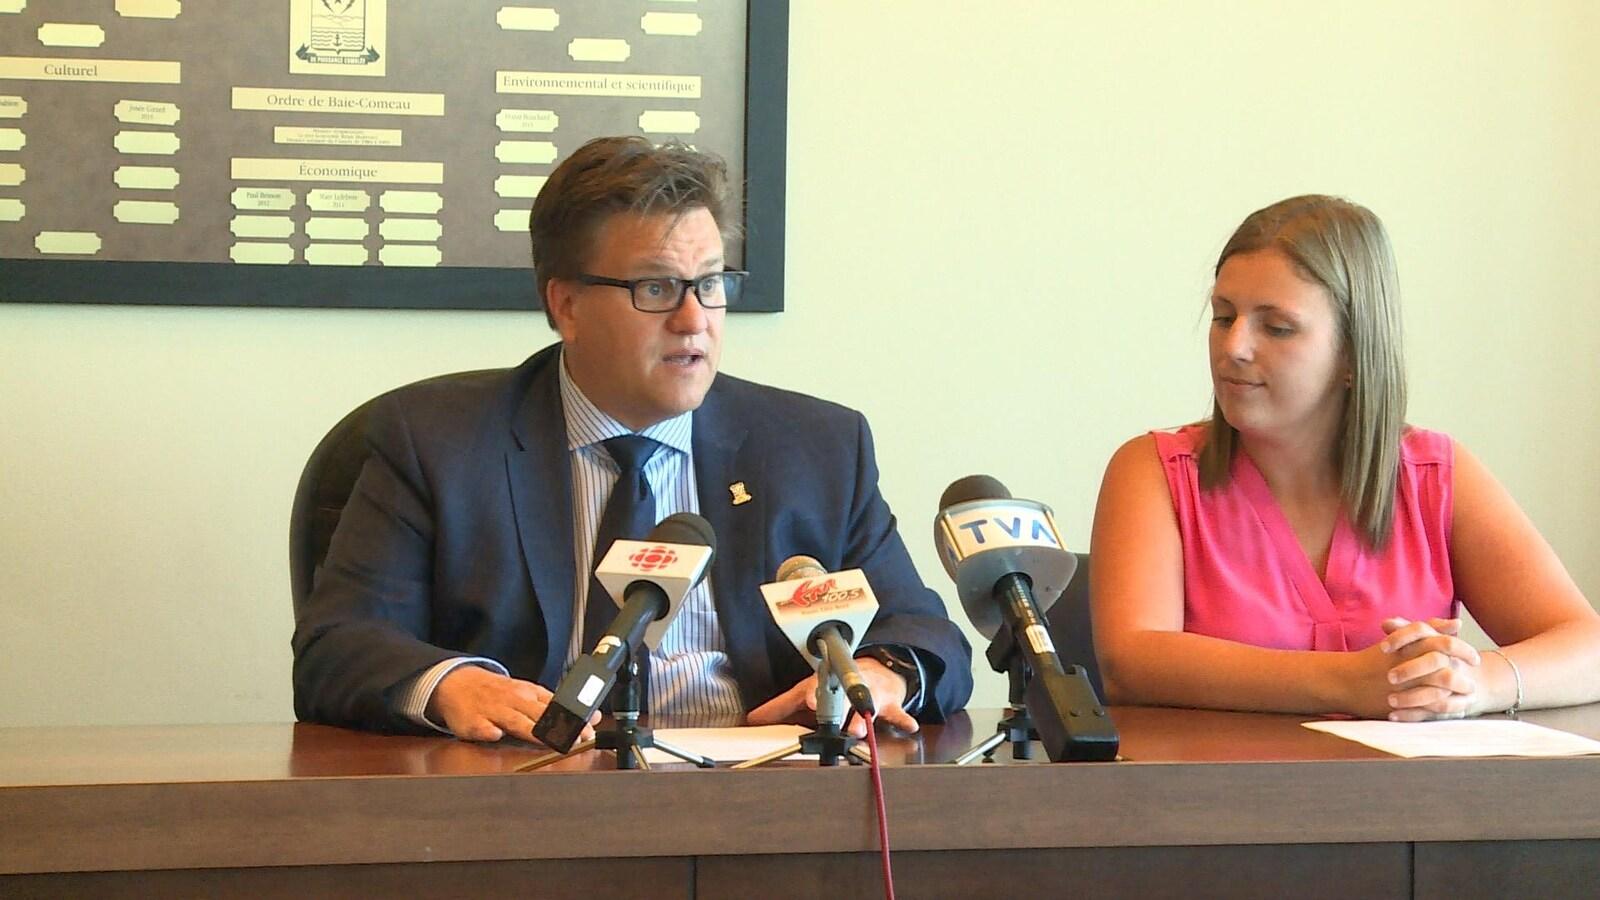 Yves Montigny en conférence de presse à l'hôtel de ville en compagnie d'Emmy Foster.